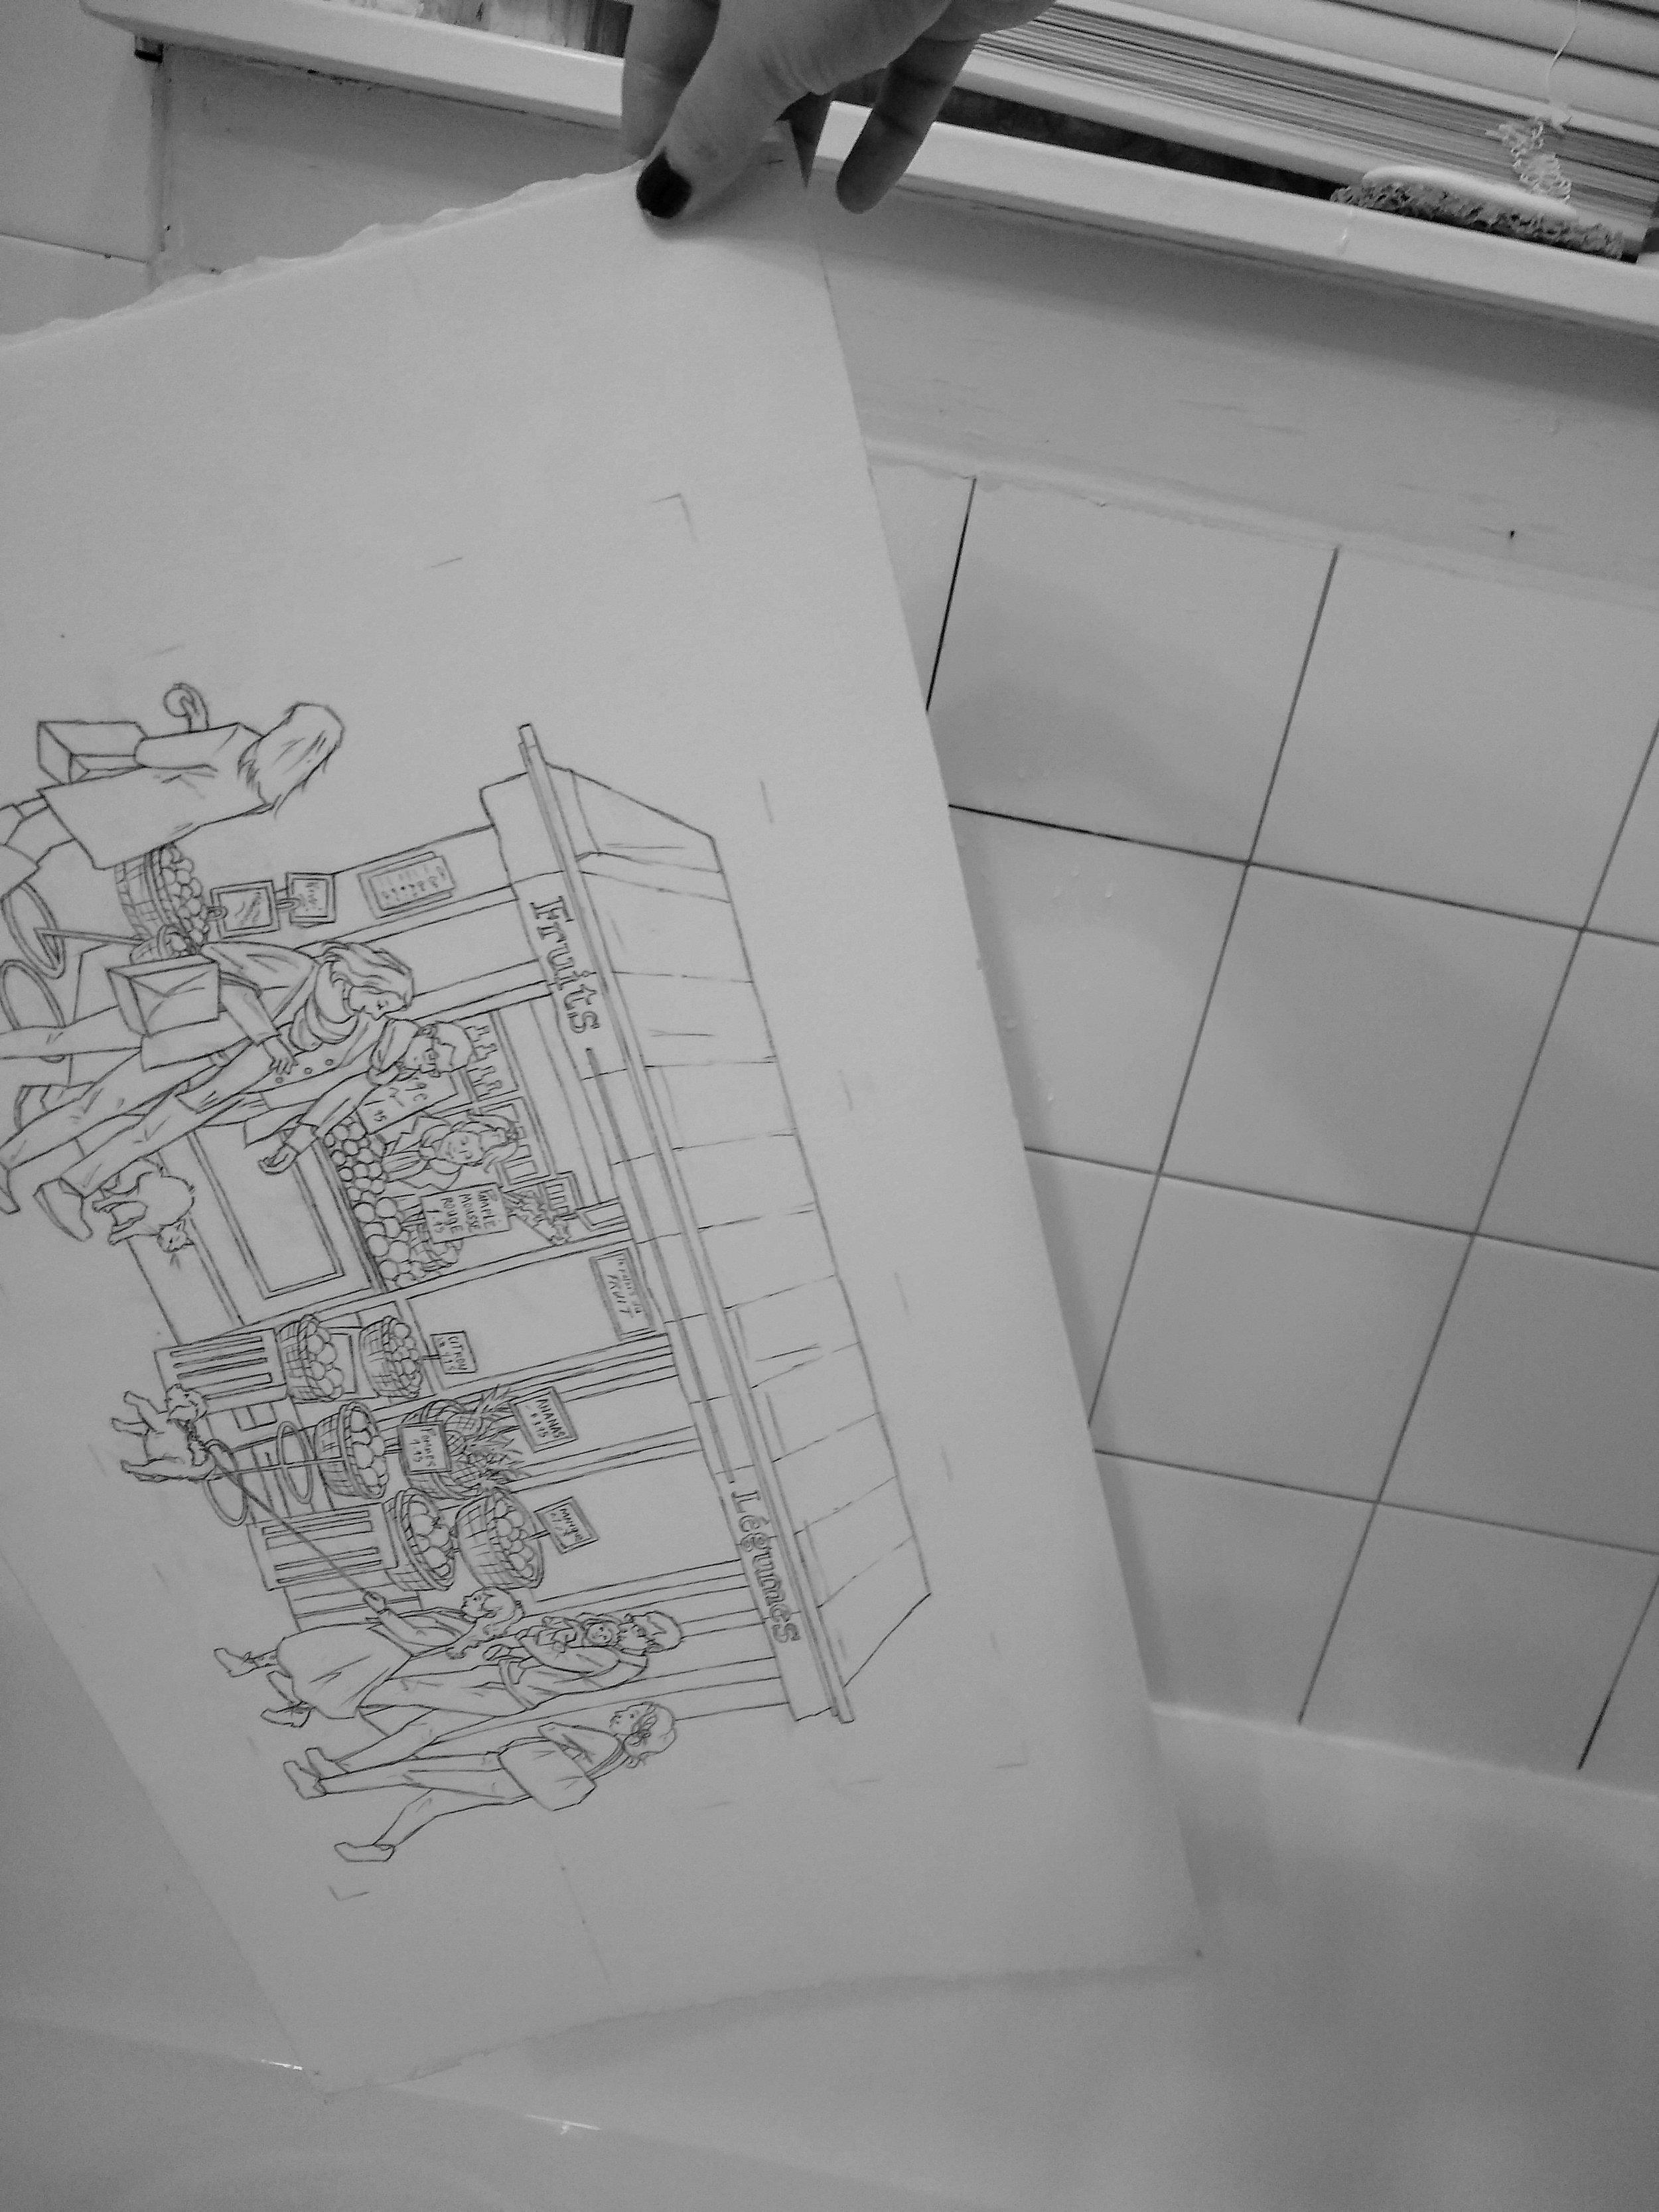 cohenillustration-process.jpg